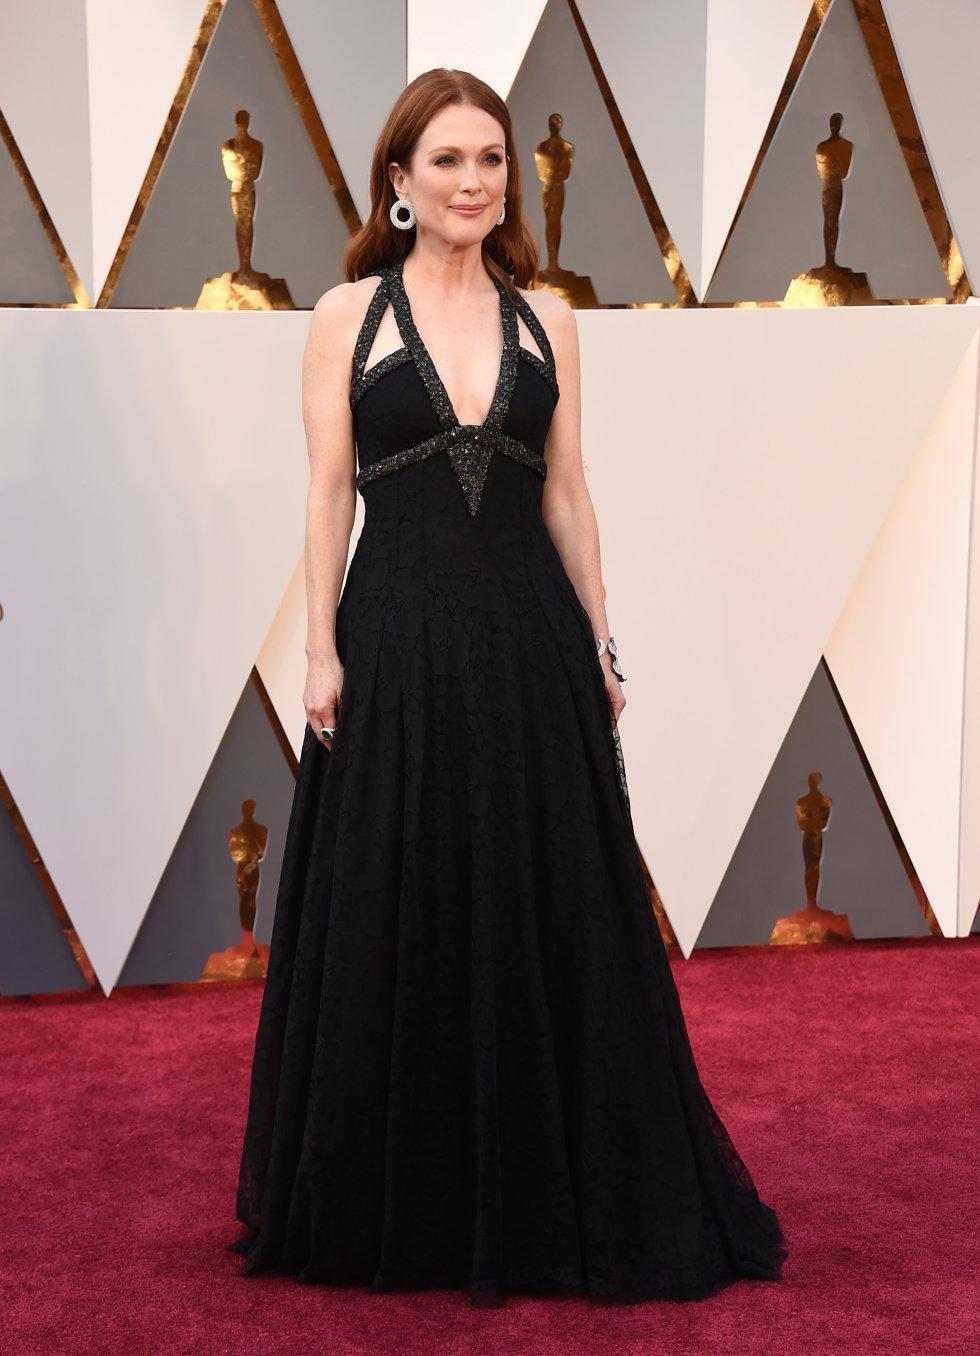 Julianne Moore, en la alfombra roja de 2016 con un vestido negro con escote de pedrería de alta costura de Channel. La actriz siempre es una de las más elegantes.